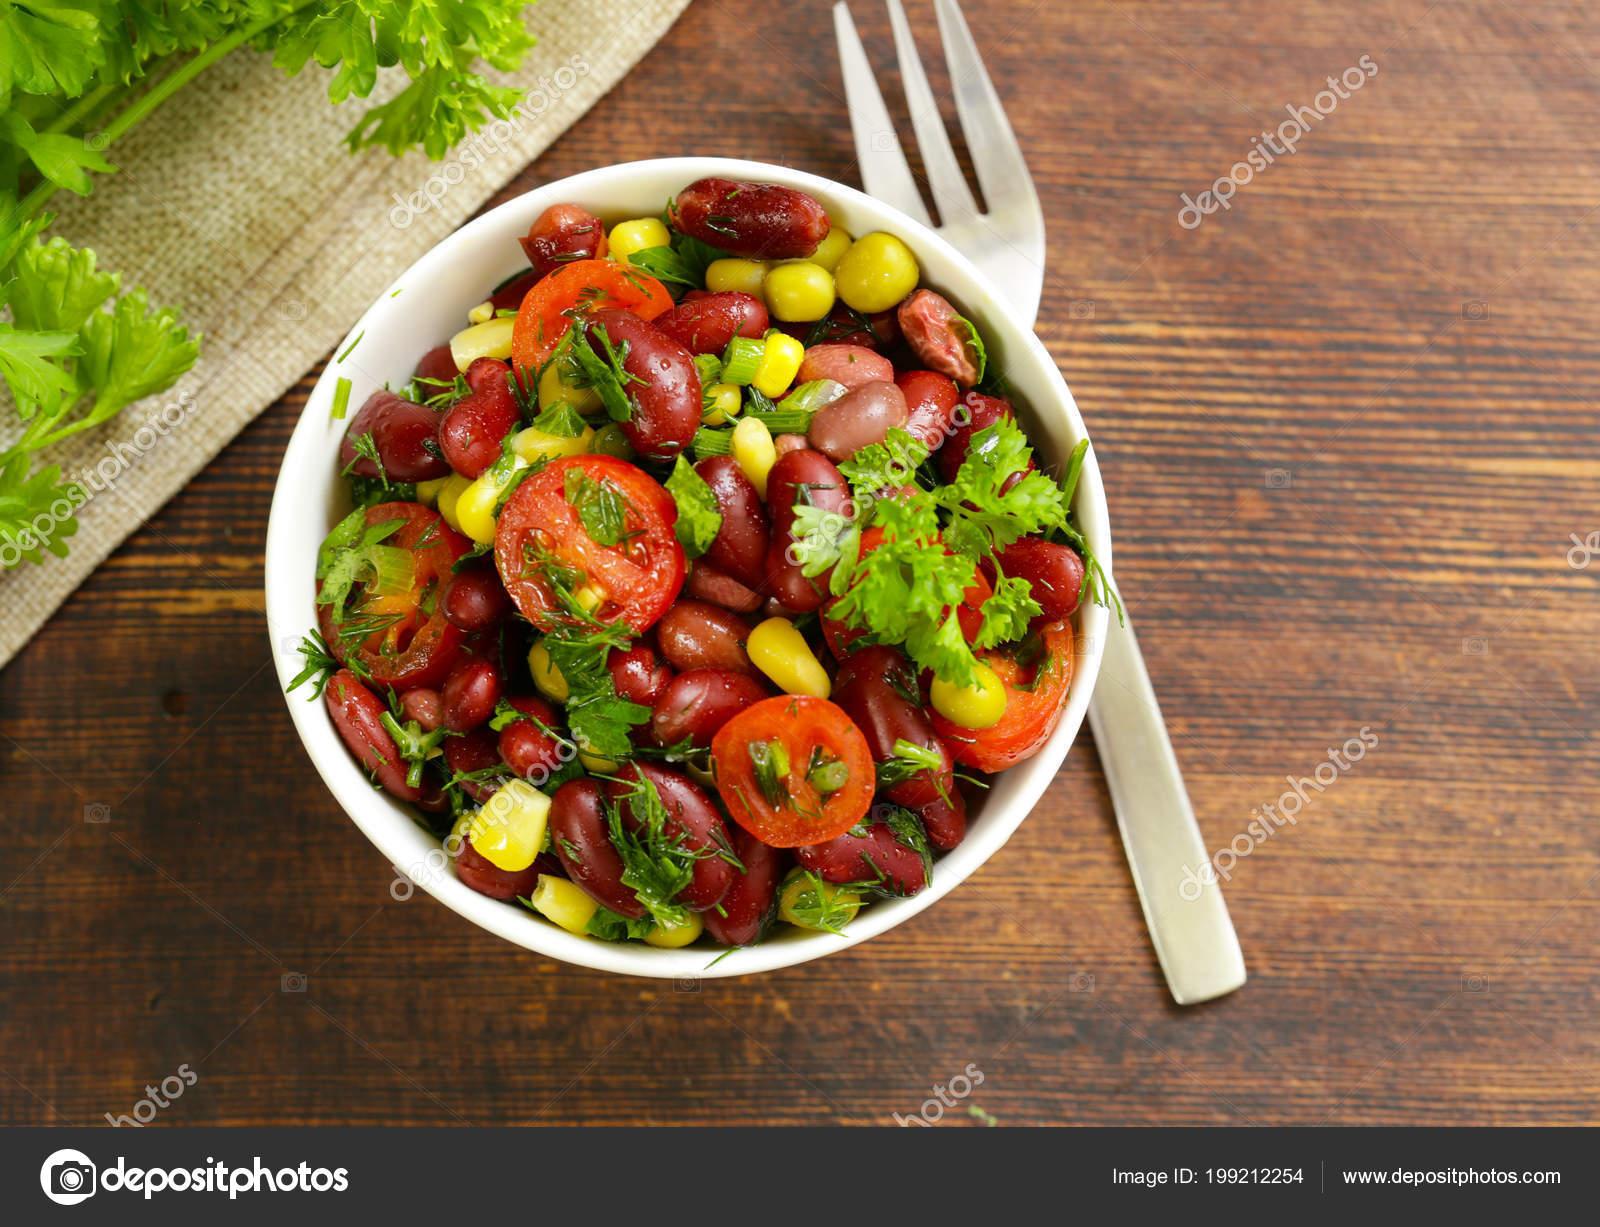 салат фасоль красная помидоры